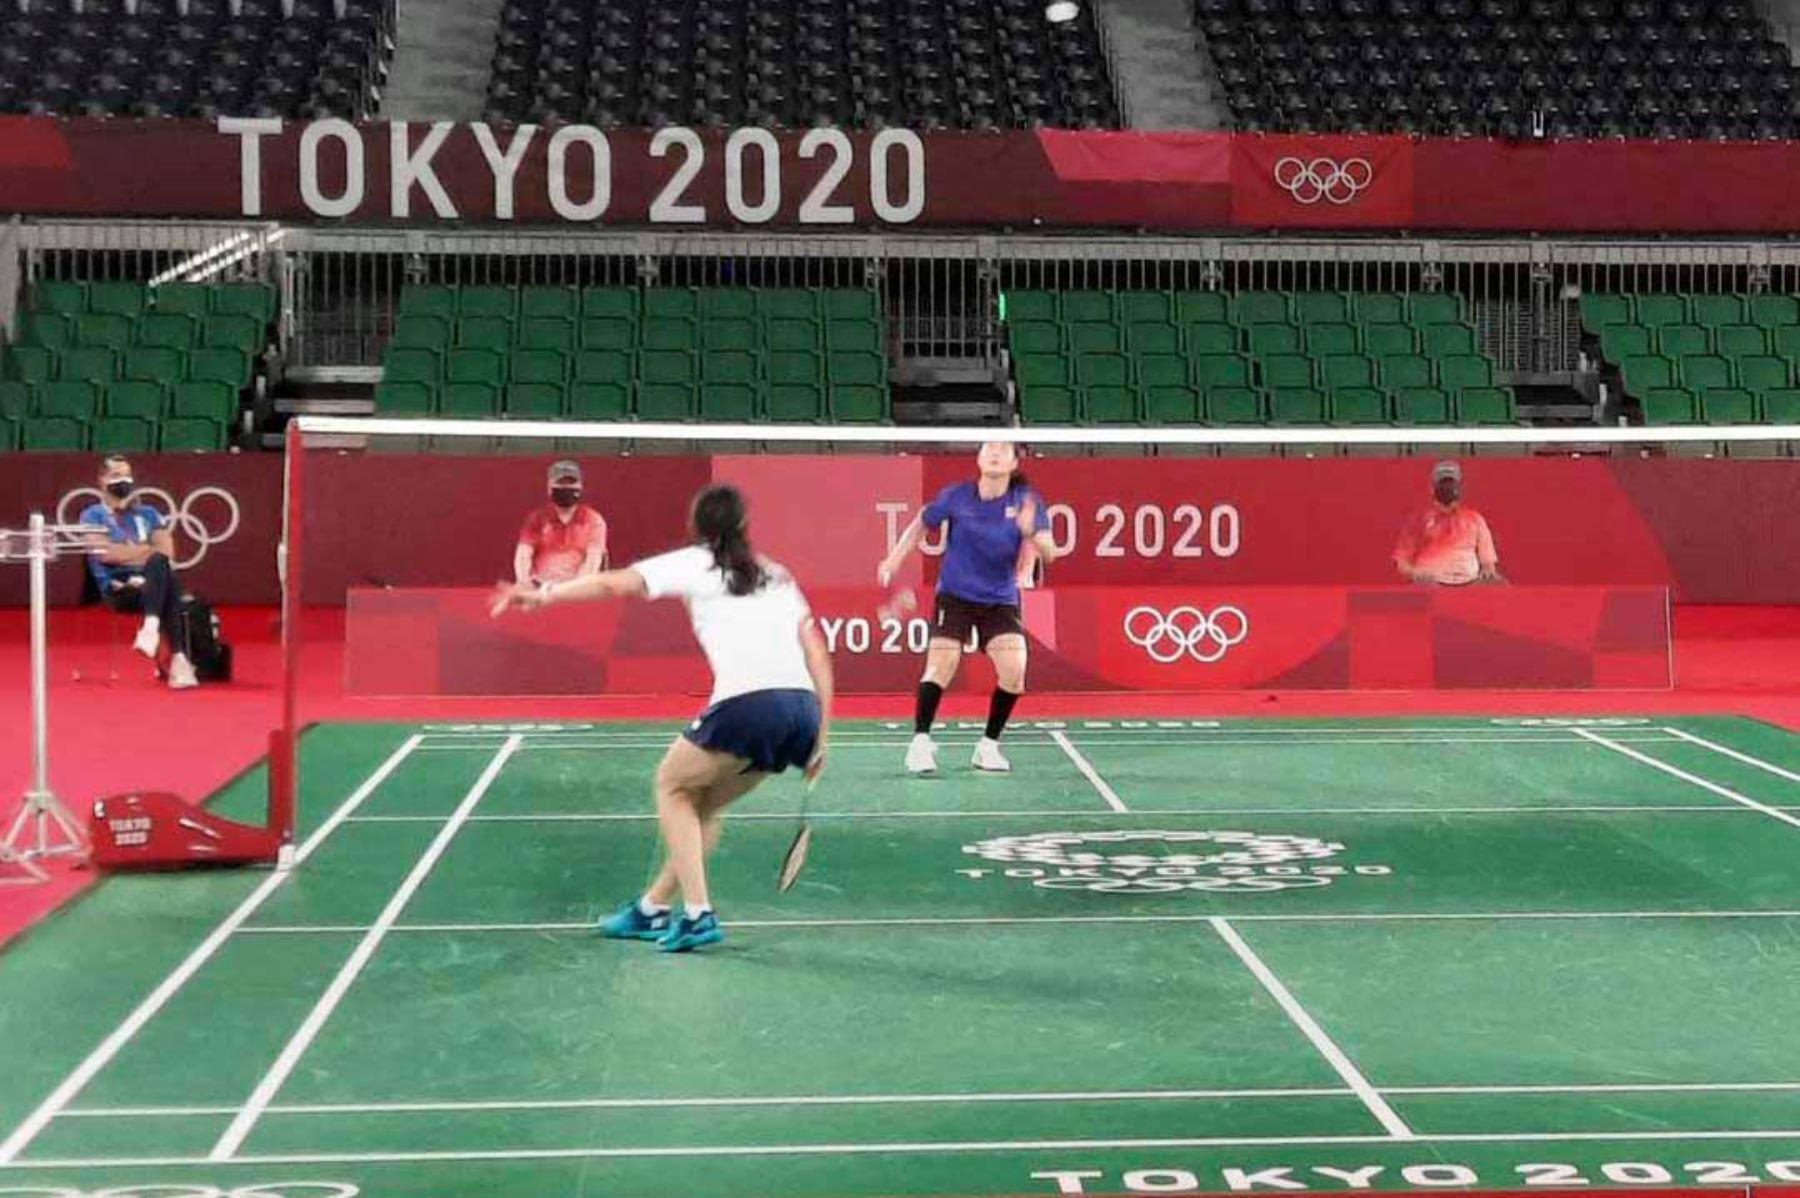 Daniela Macías debutó en los Juegos Olímpicos contra la tailandesa Ongbamrungphan, quien ganó 2-0.  La peruana Daniela Macias obtuvo14 tuvo pasajes de muy bien juego, en el especial, en el inicio del segundo set. Foto: Comité Olímpico Peruano